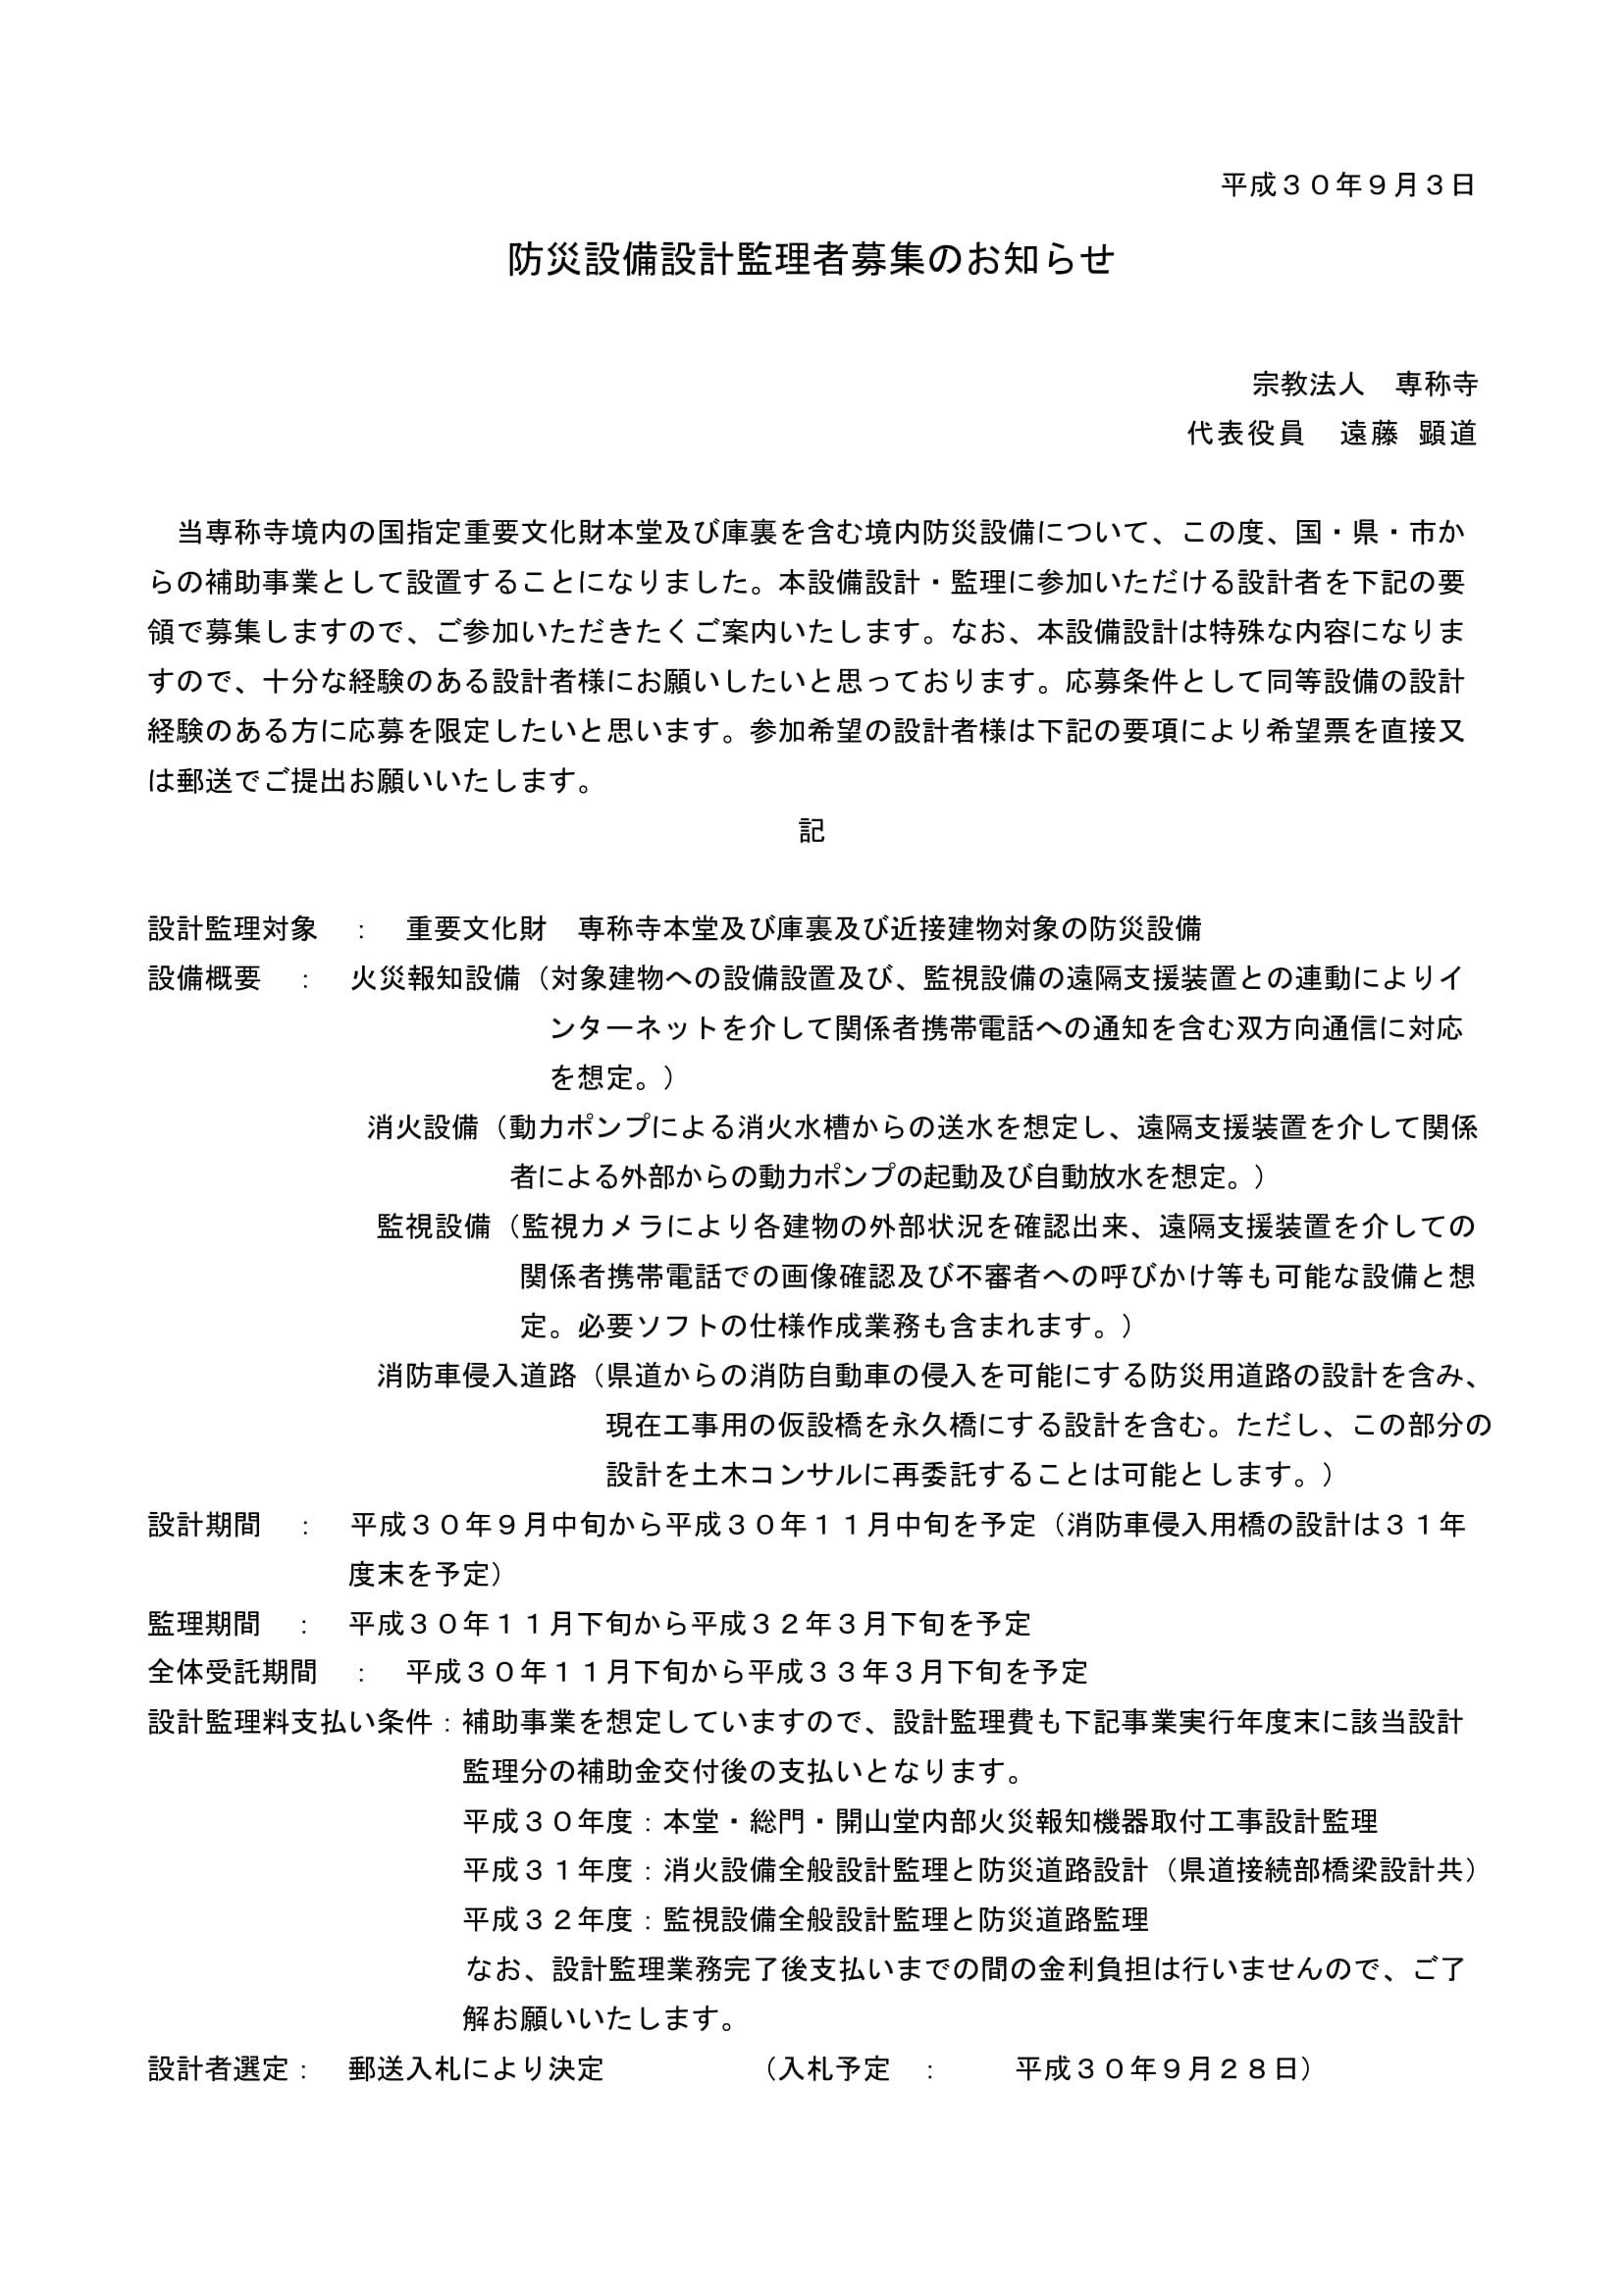 180903_防災設備設計者募集のお知らせ-1